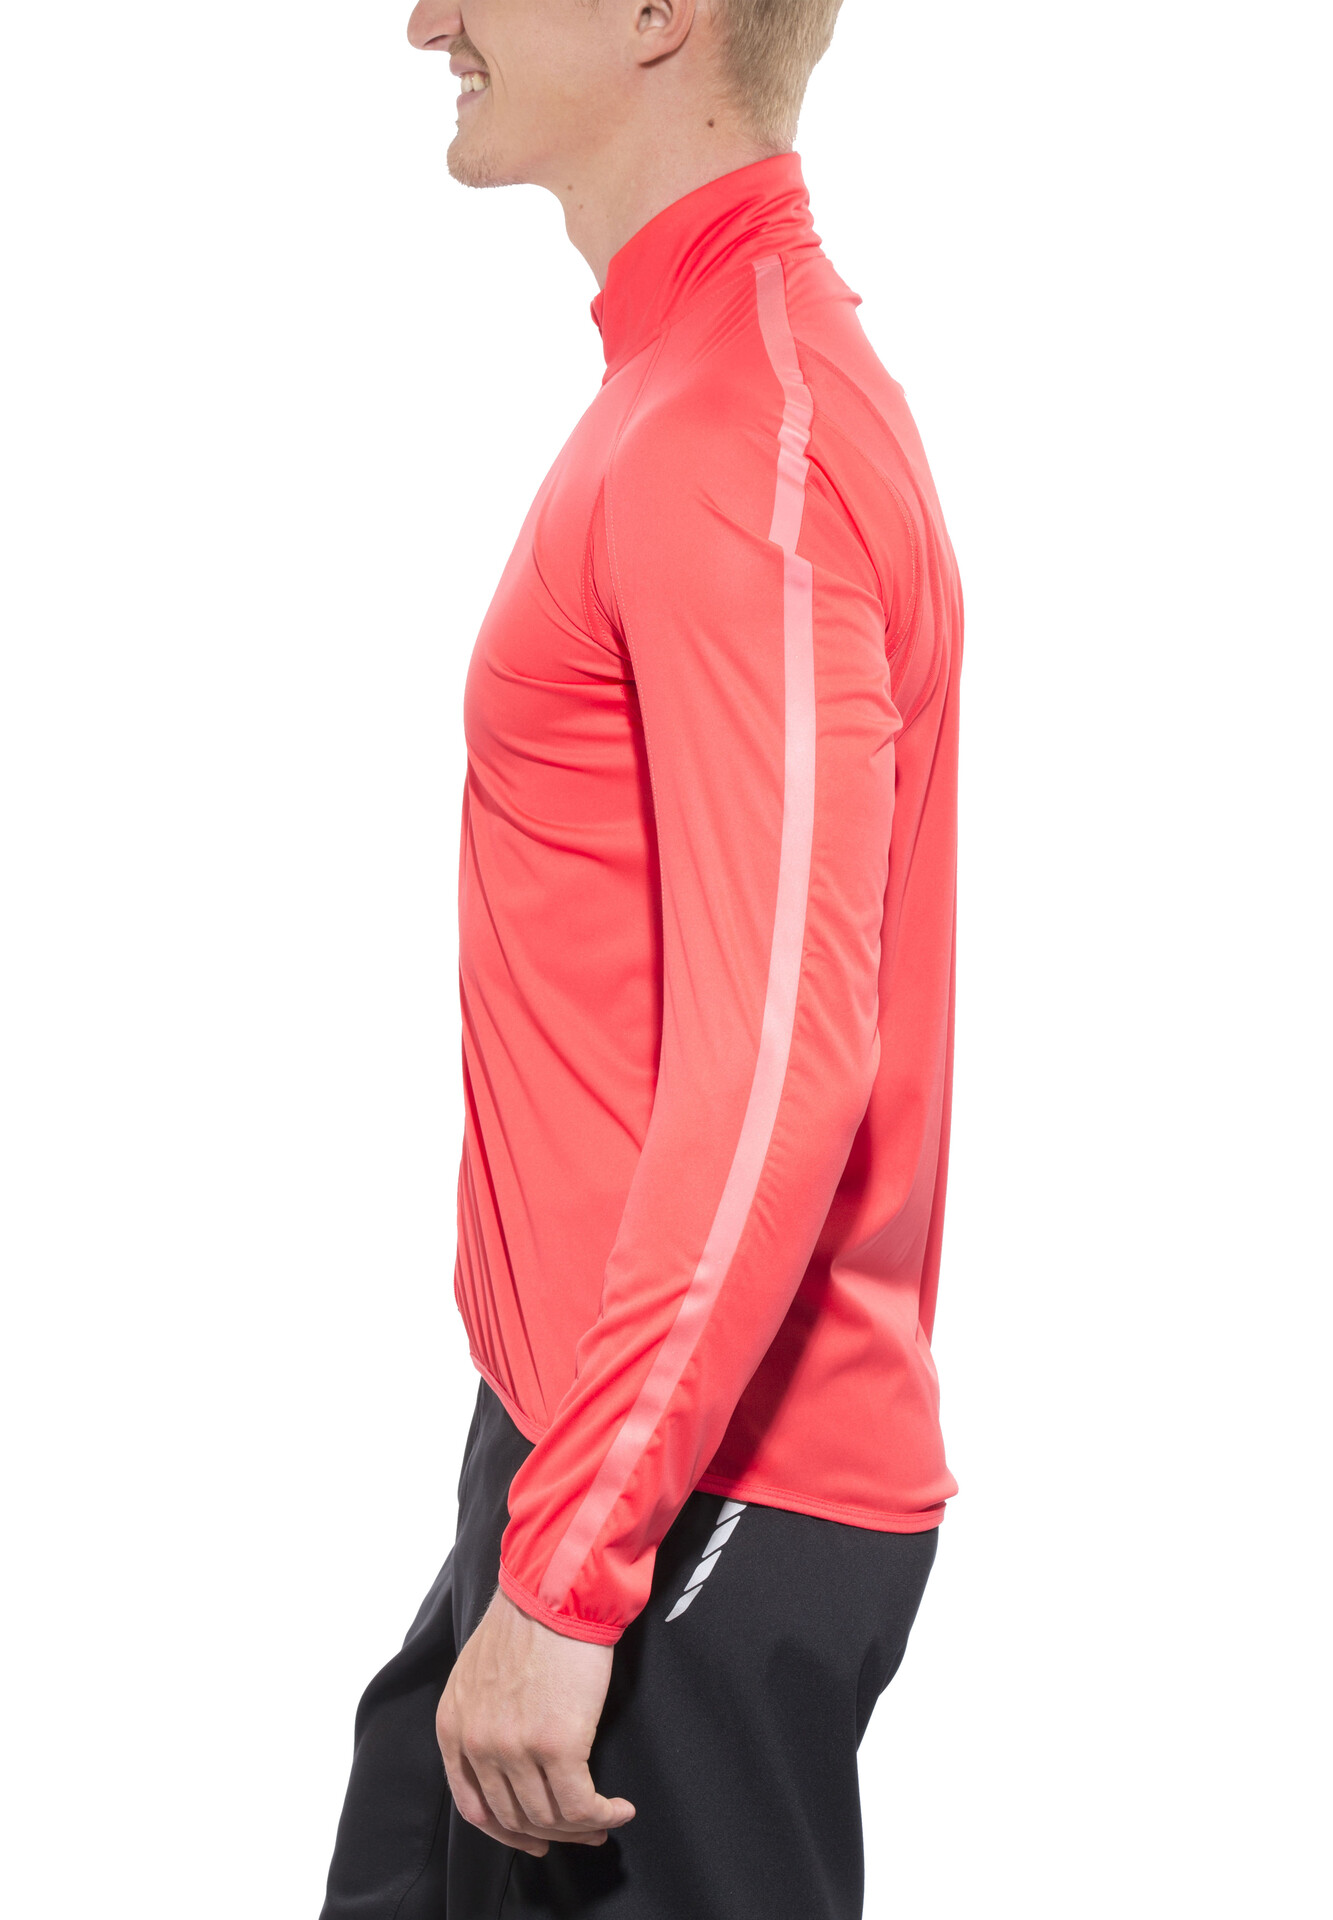 Adidas Su Infinity Giacca Uomo Bikester Rosso it IgrIw0xd